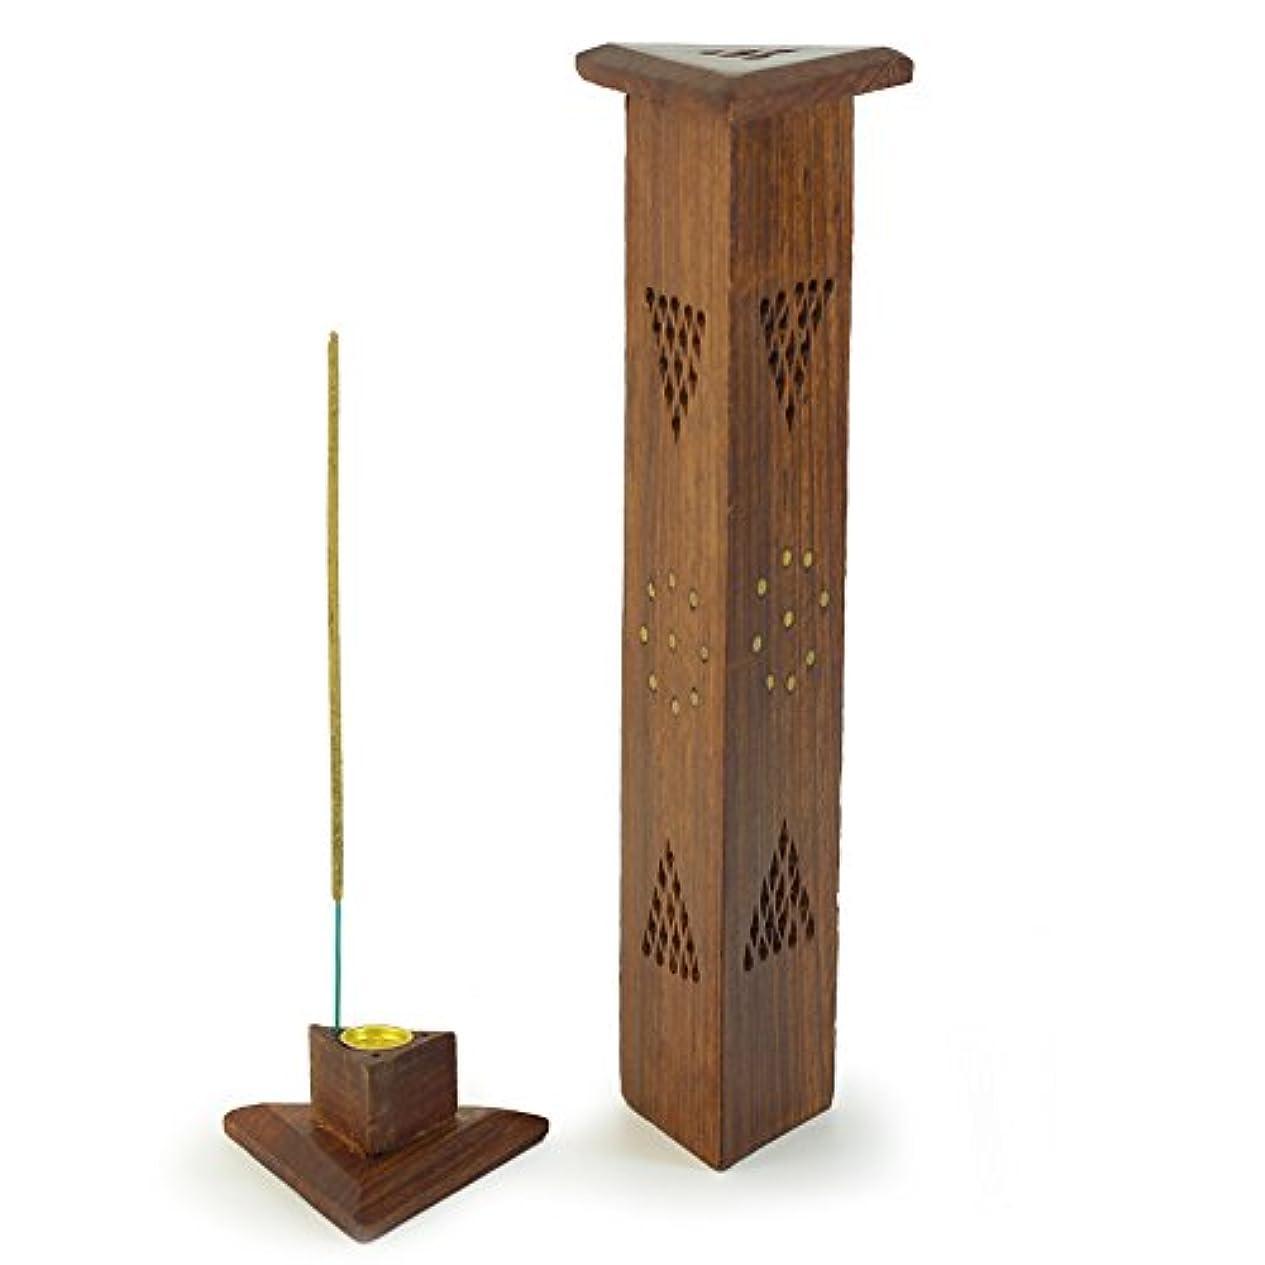 始めるそうでなければ引数香炉 – 木製三角形タワー